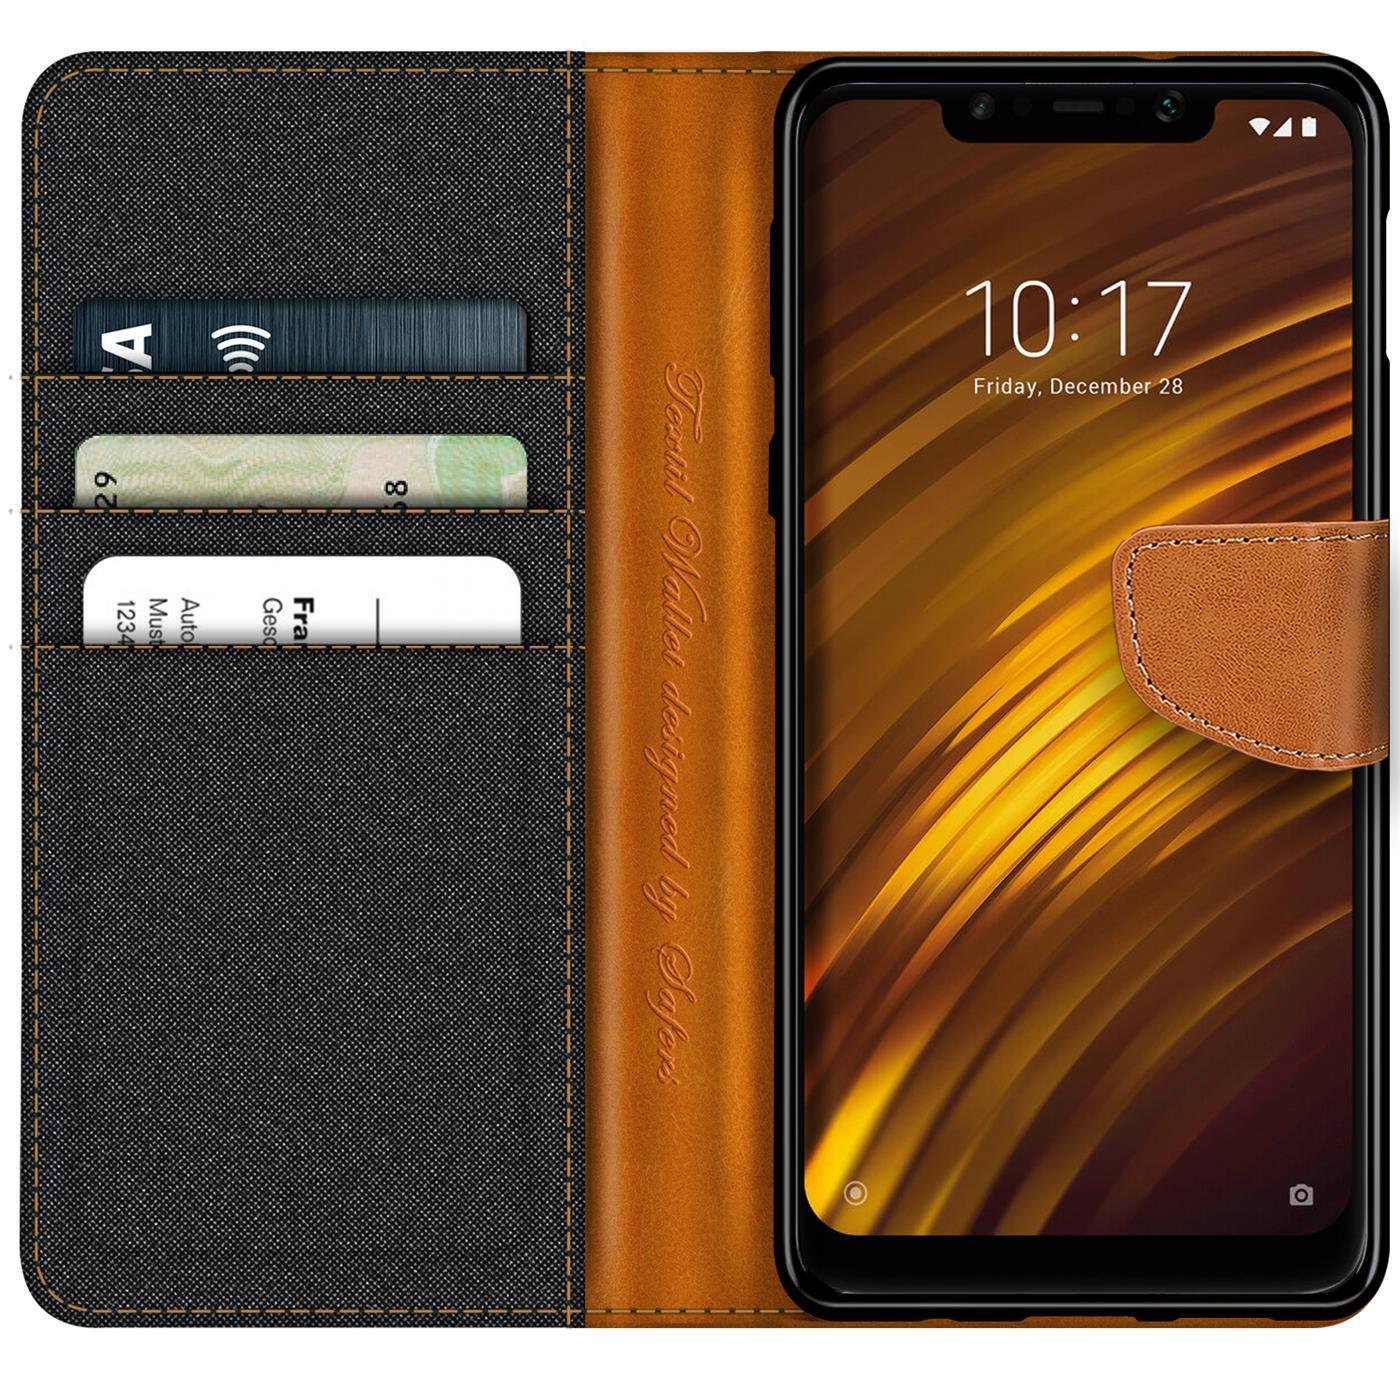 Indexbild 9 - Handy-Huelle-fuer-Xiaomi-Pocophone-F1-Tasche-Wallet-Flip-Case-Schutz-Huelle-Cover